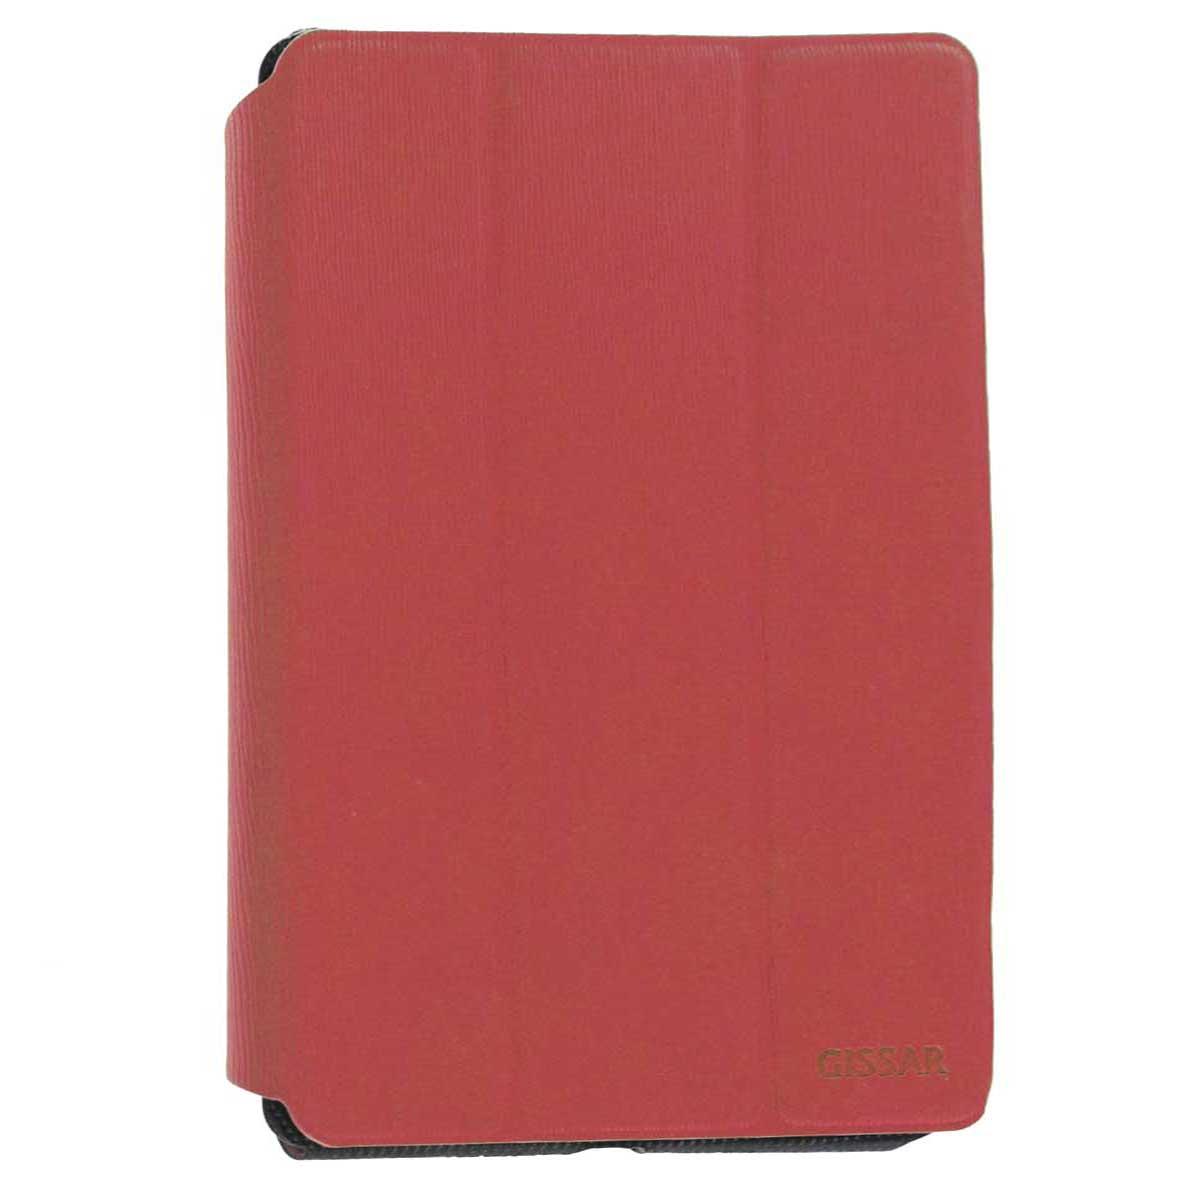 Gissar Wave чехол для Apple iPad 2/3/4, Orange31686Чехол Gissar Wave для iPad 2/3/4 предназначен для защиты корпуса планшета от механических повреждений и царапин в процессе эксплуатации. Имеет свободный доступ ко всем разъемам и кнопкам устройства.